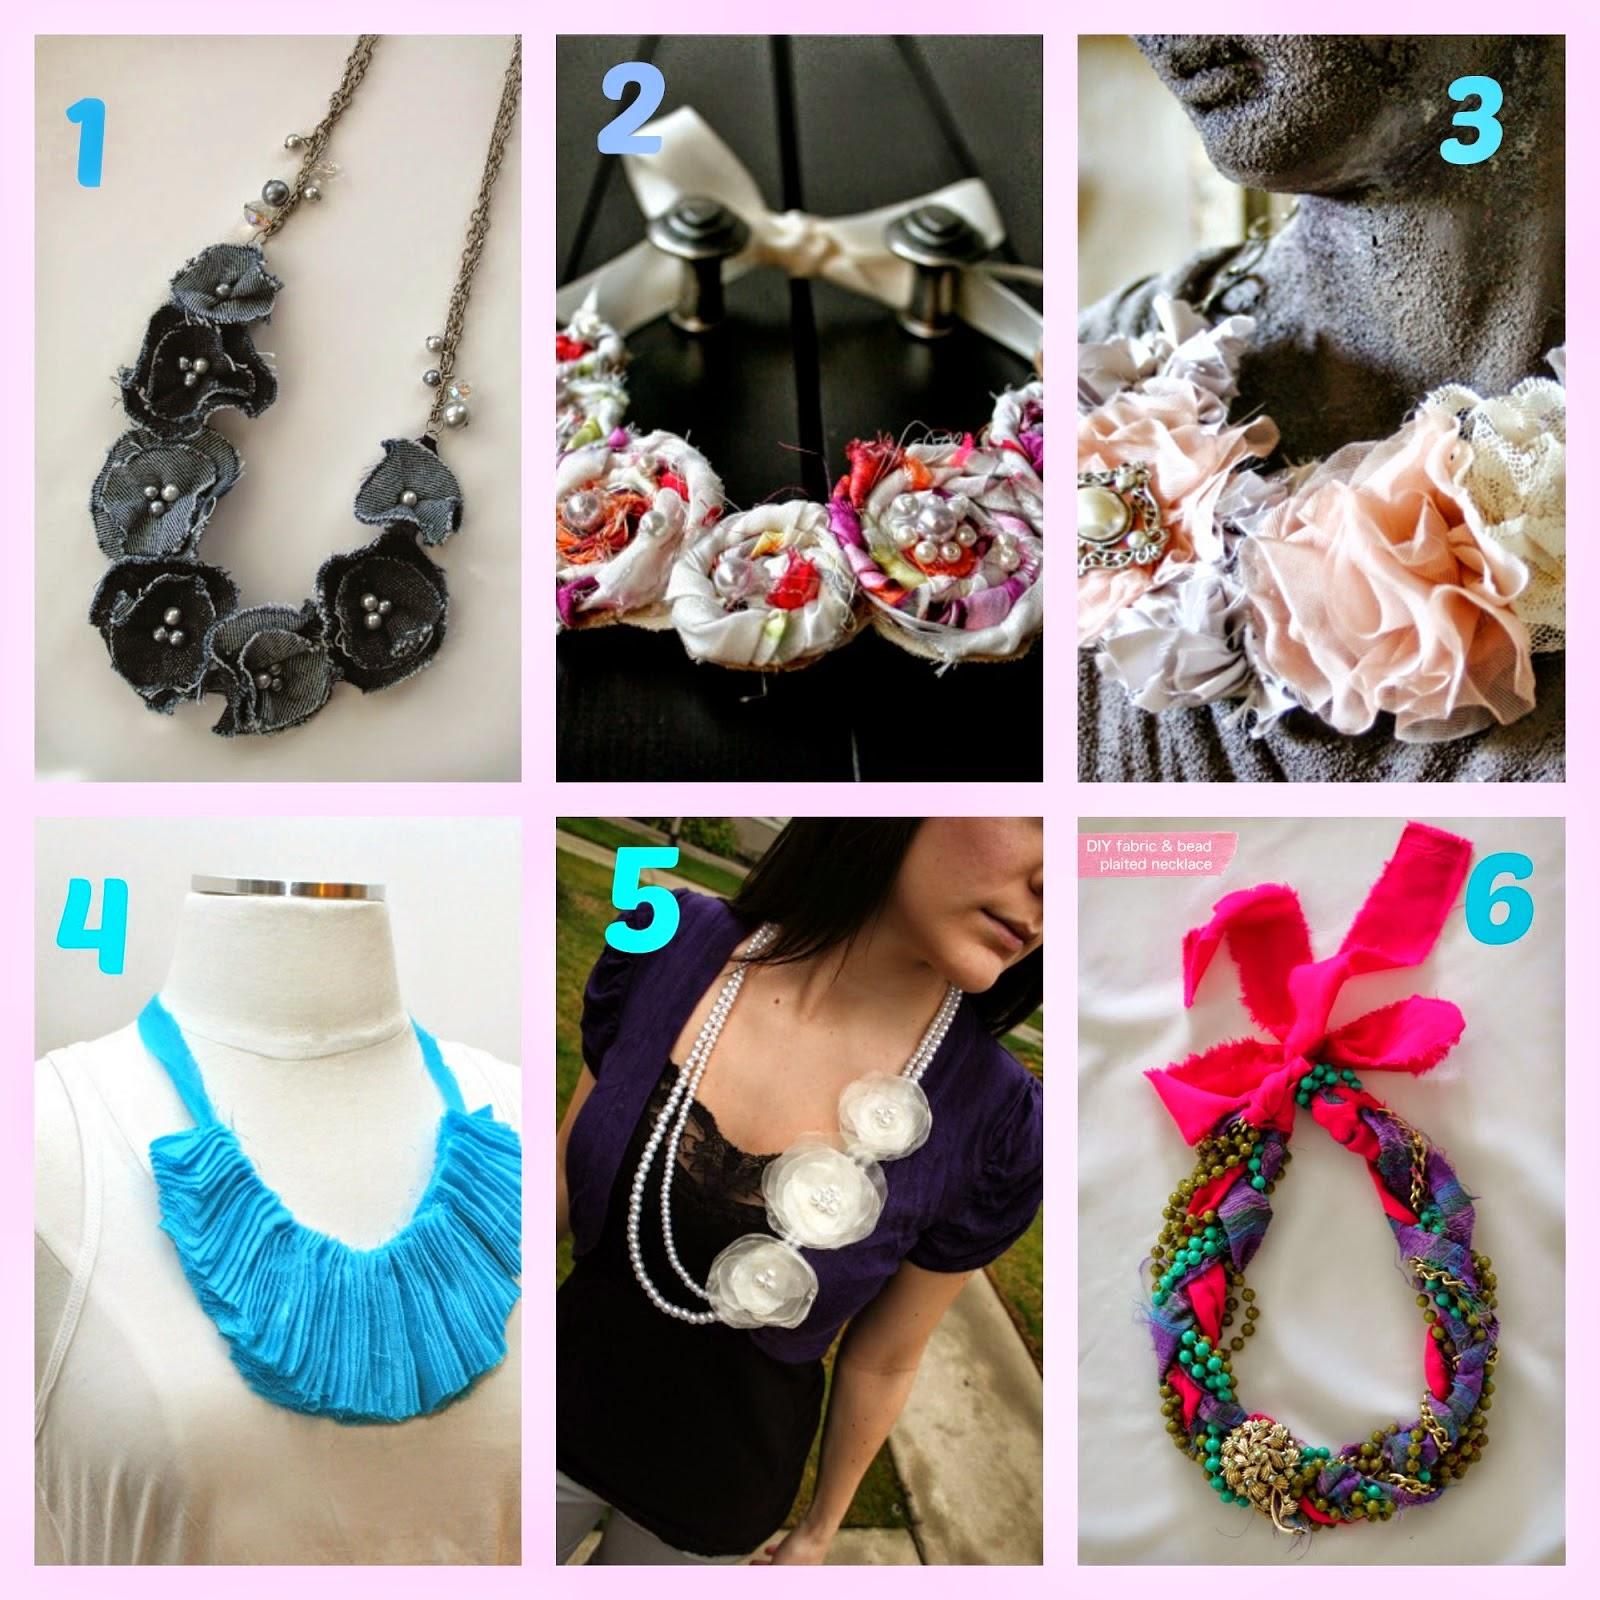 Connu Come creare collane di stoffa. I tutorial più belli dal web- prima  XM74